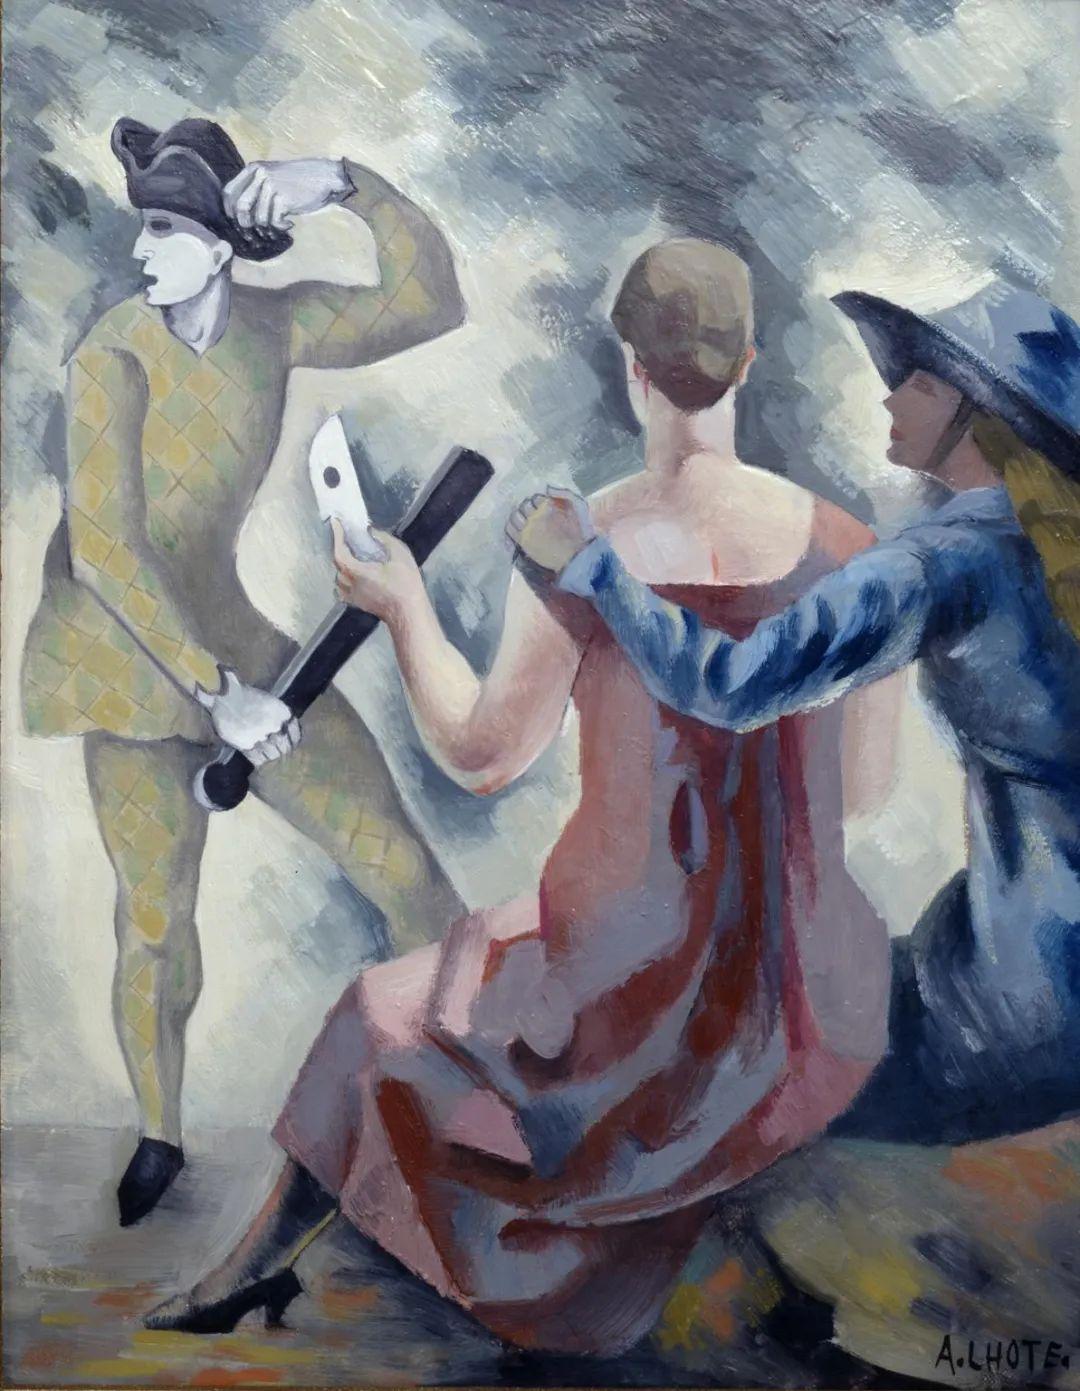 立体派,法国画家安德烈·洛特插图127